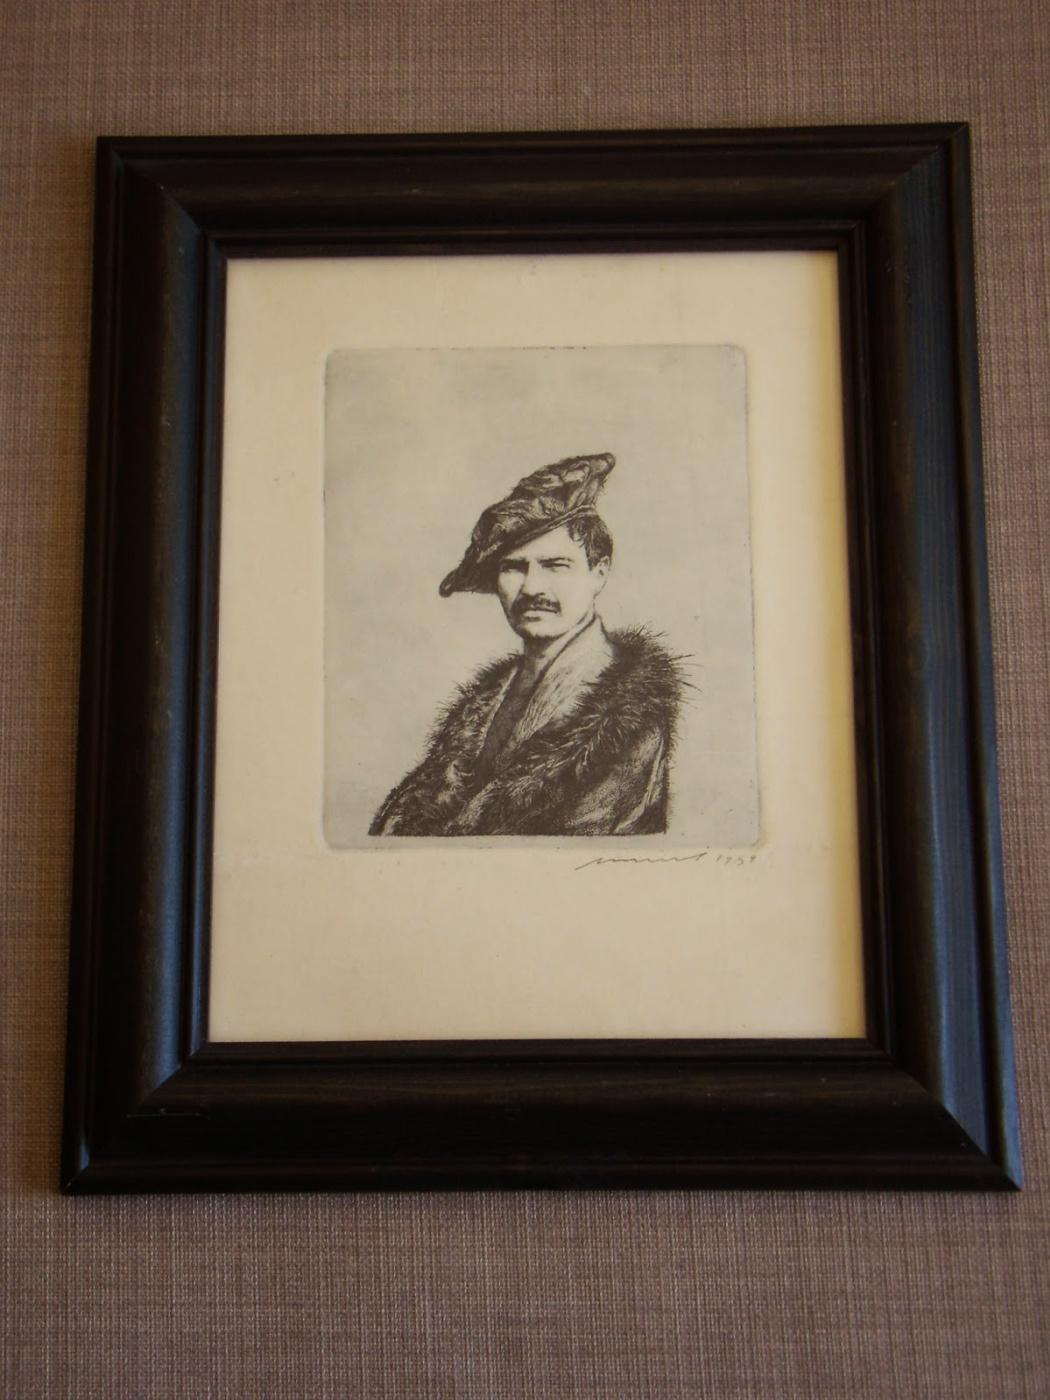 Unknown artist. Portrait of a man.